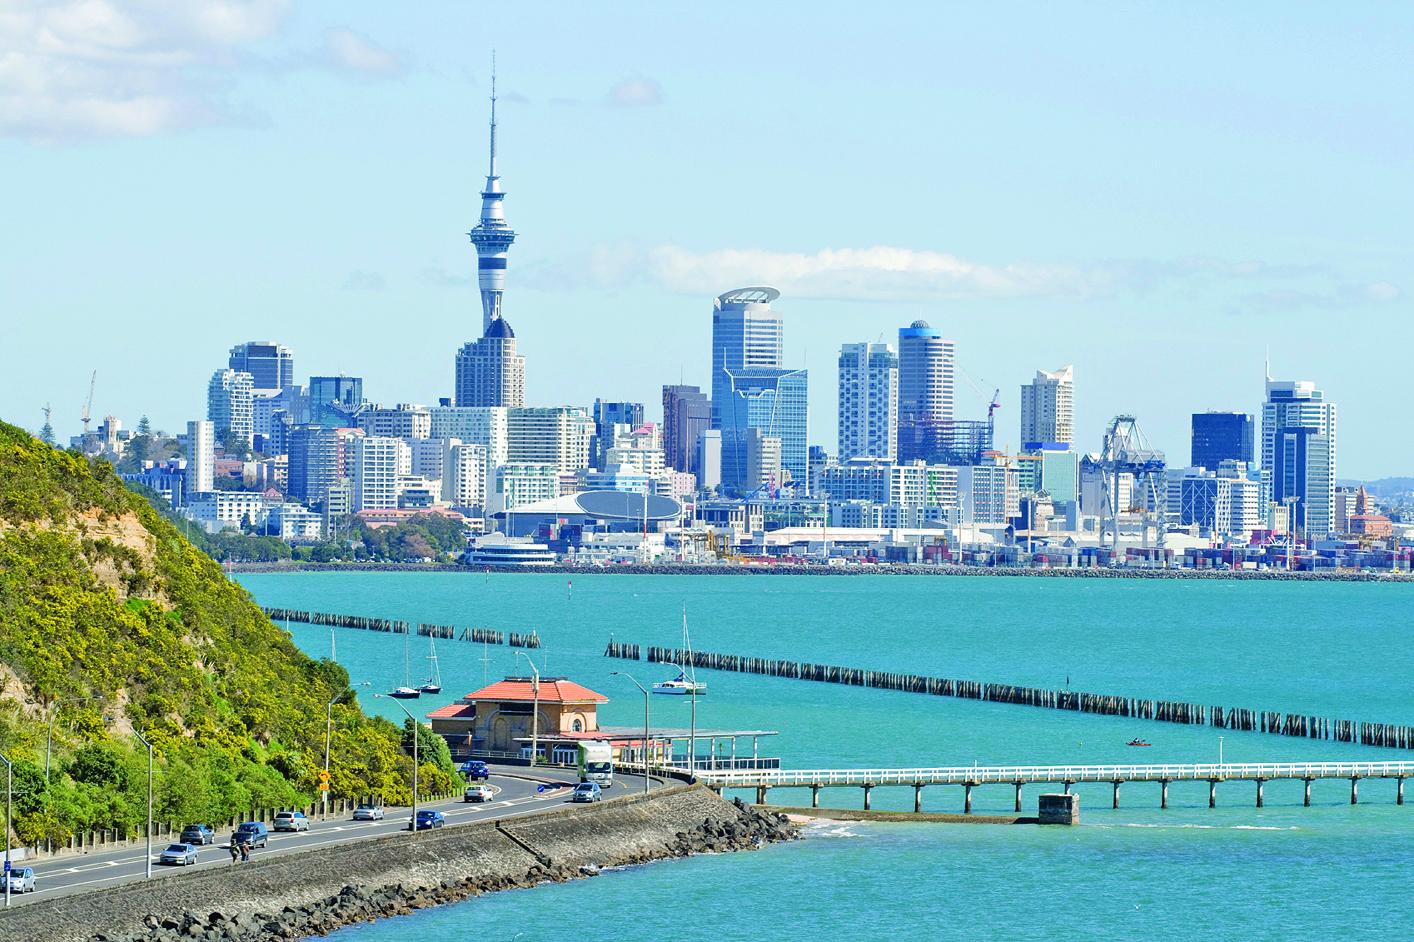 Курсы английского языка в школе Kaplan Окленд, Новая Зеландия - Досуг